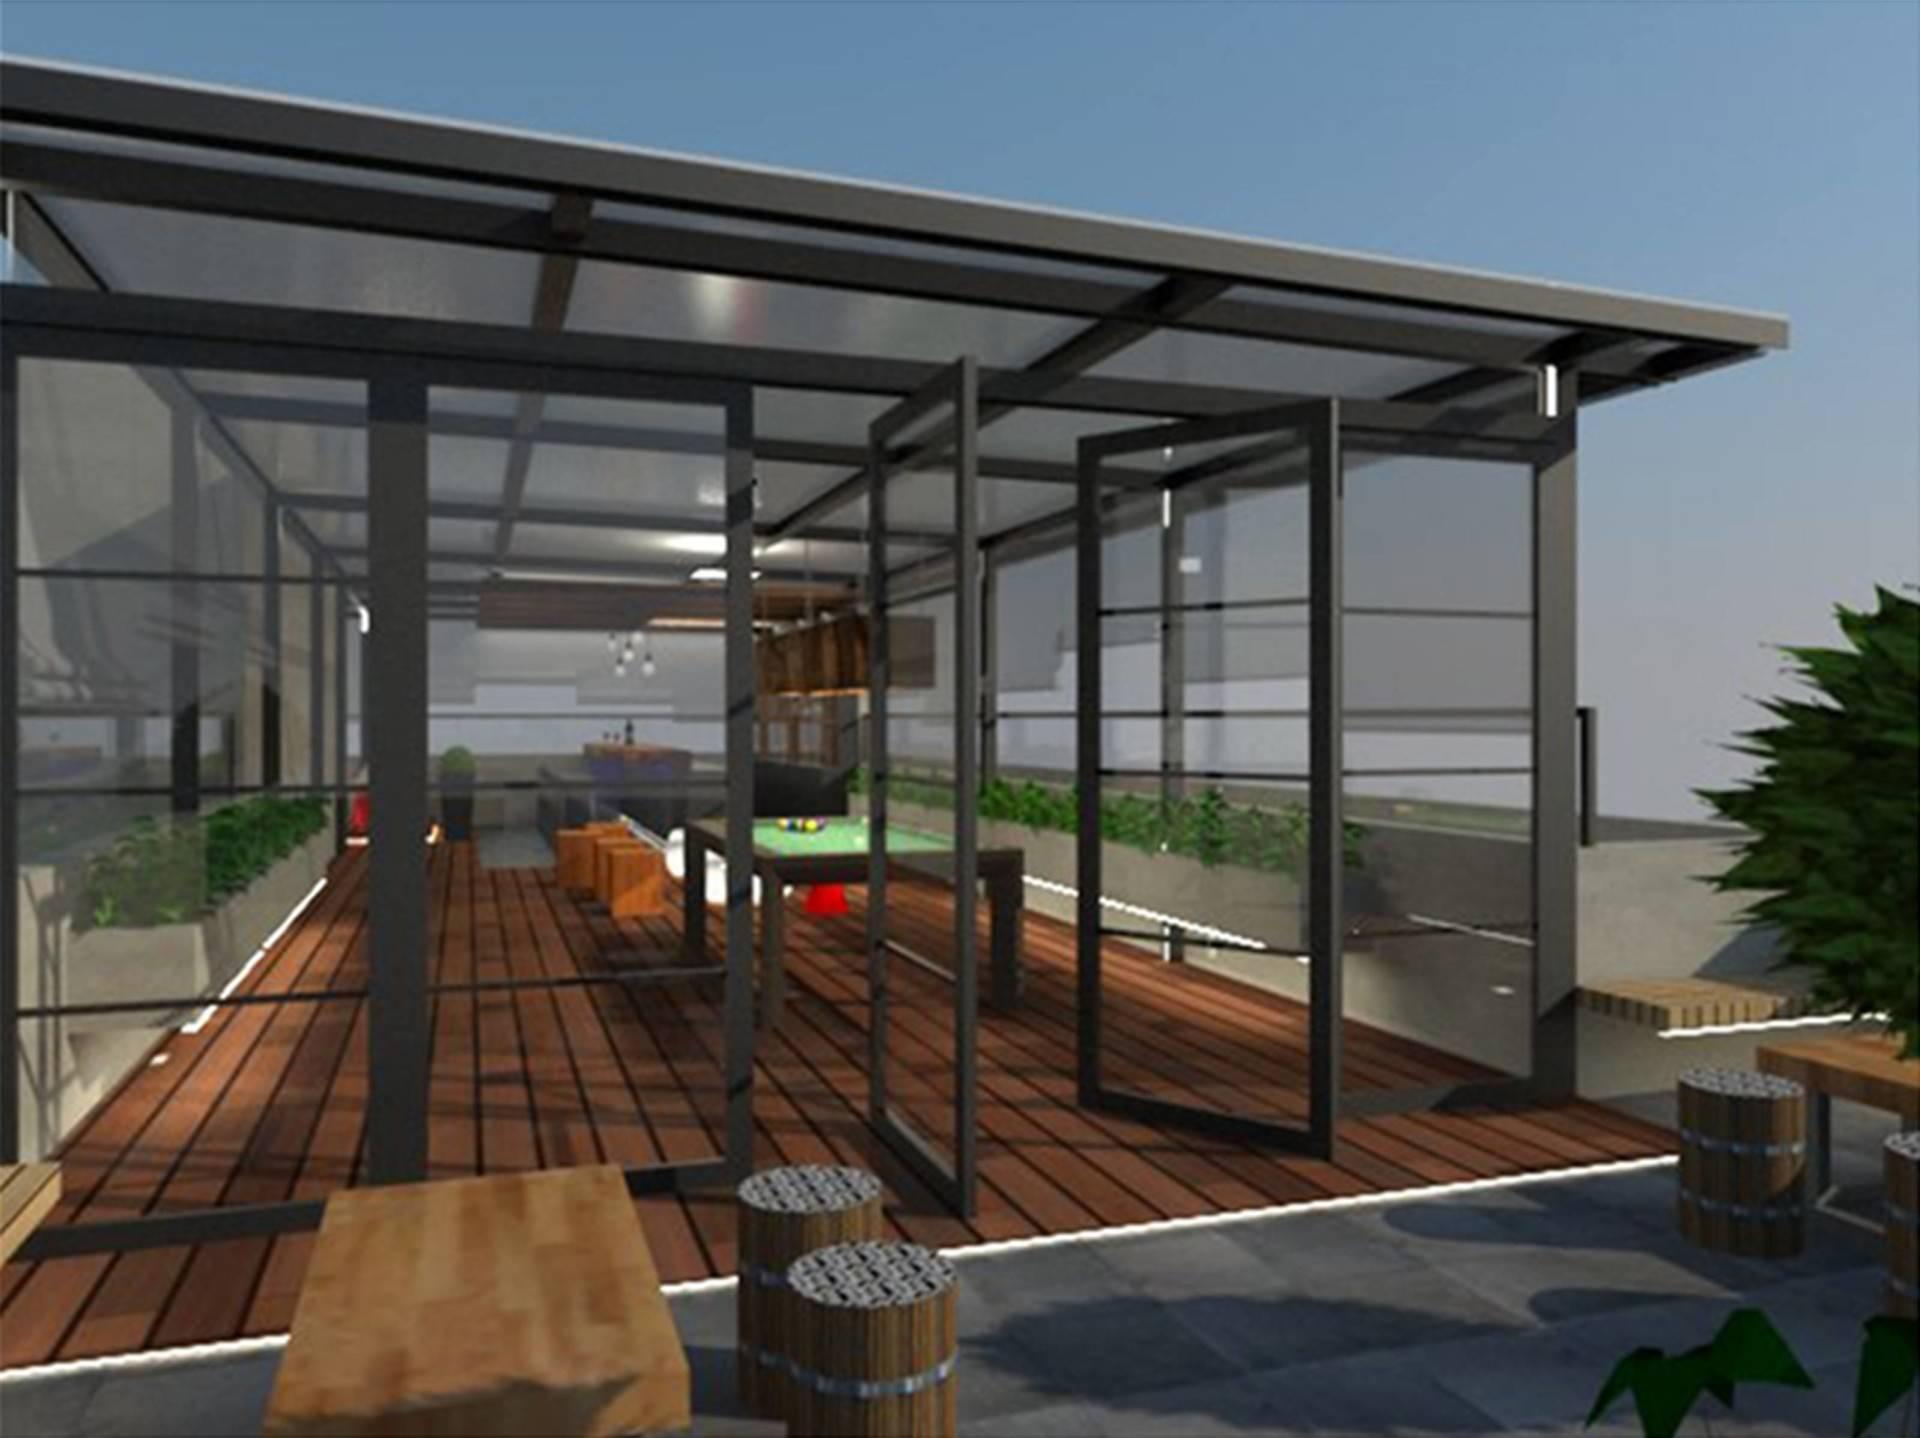 Tms Creative Pt Malaka Utama Office Jl. Cijagra, Buah Batu, Bandung Jl. Cijagra, Buah Batu, Bandung Entertainment Room Modern  2178